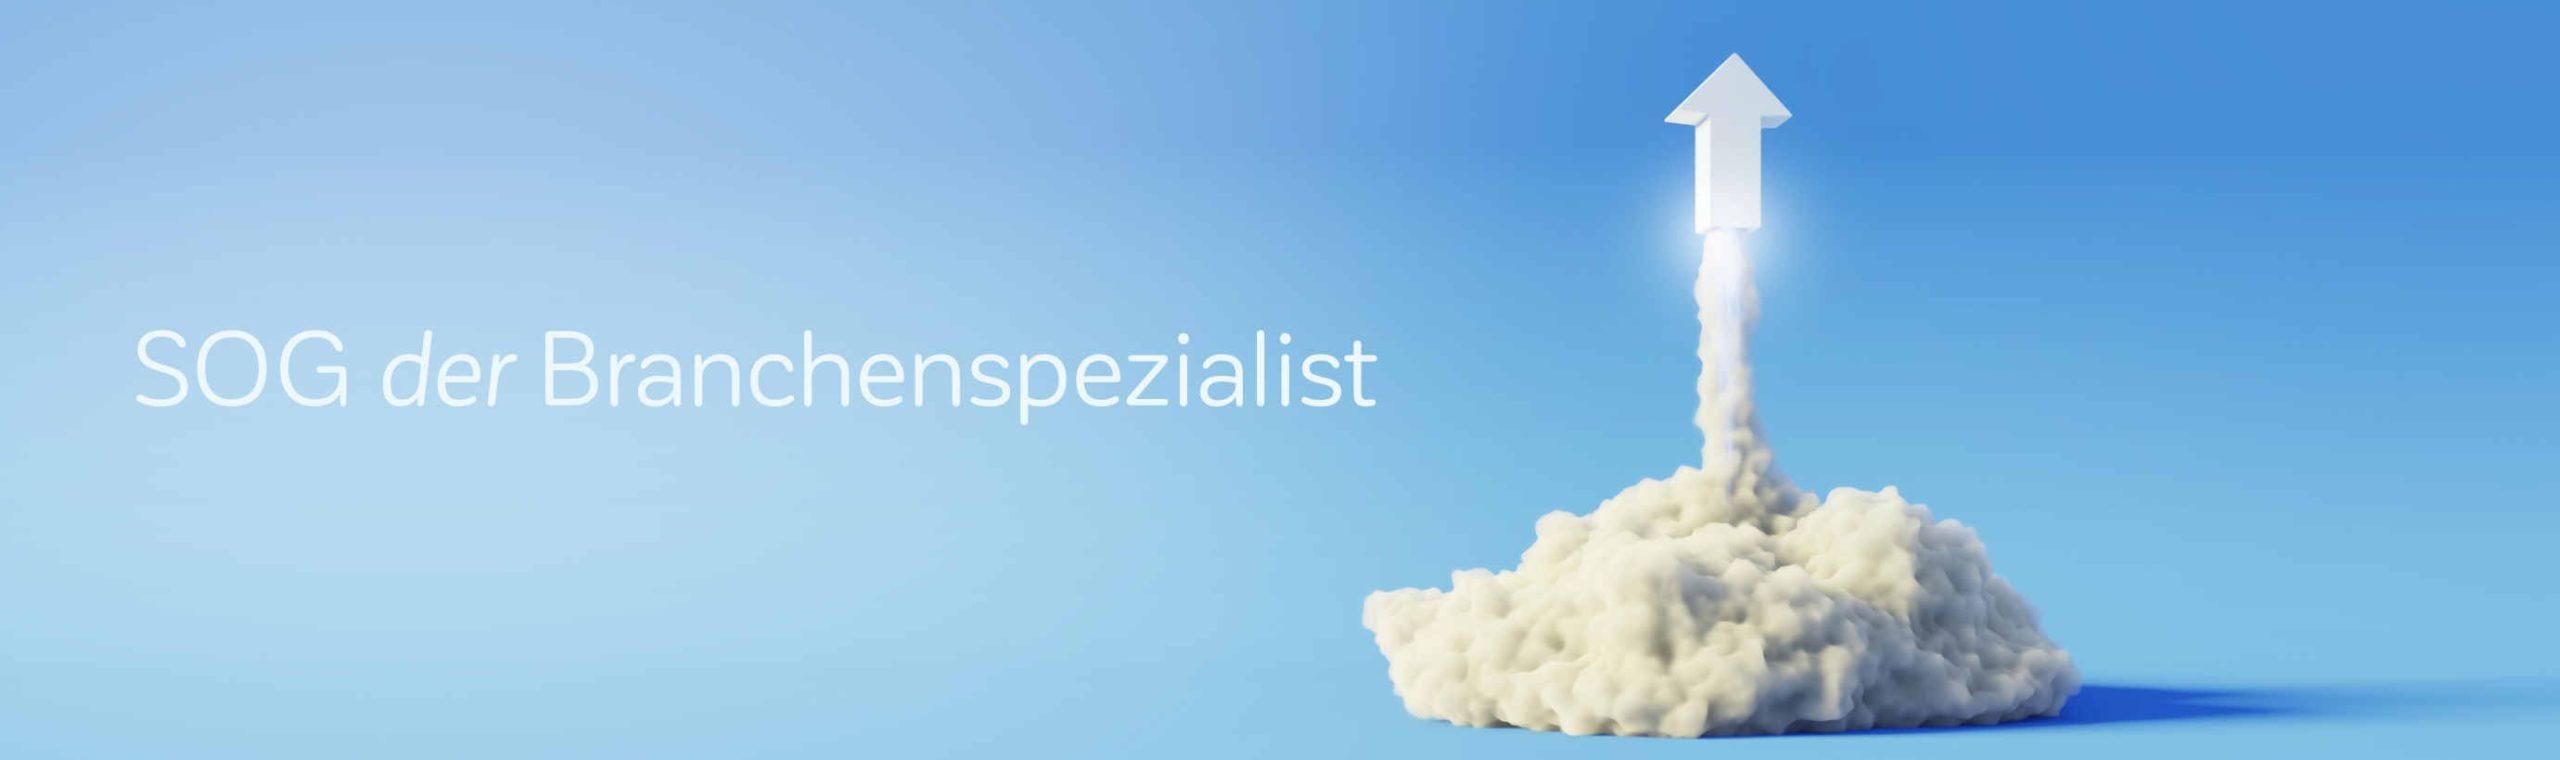 SOG Business-Software-Branchenspezialist